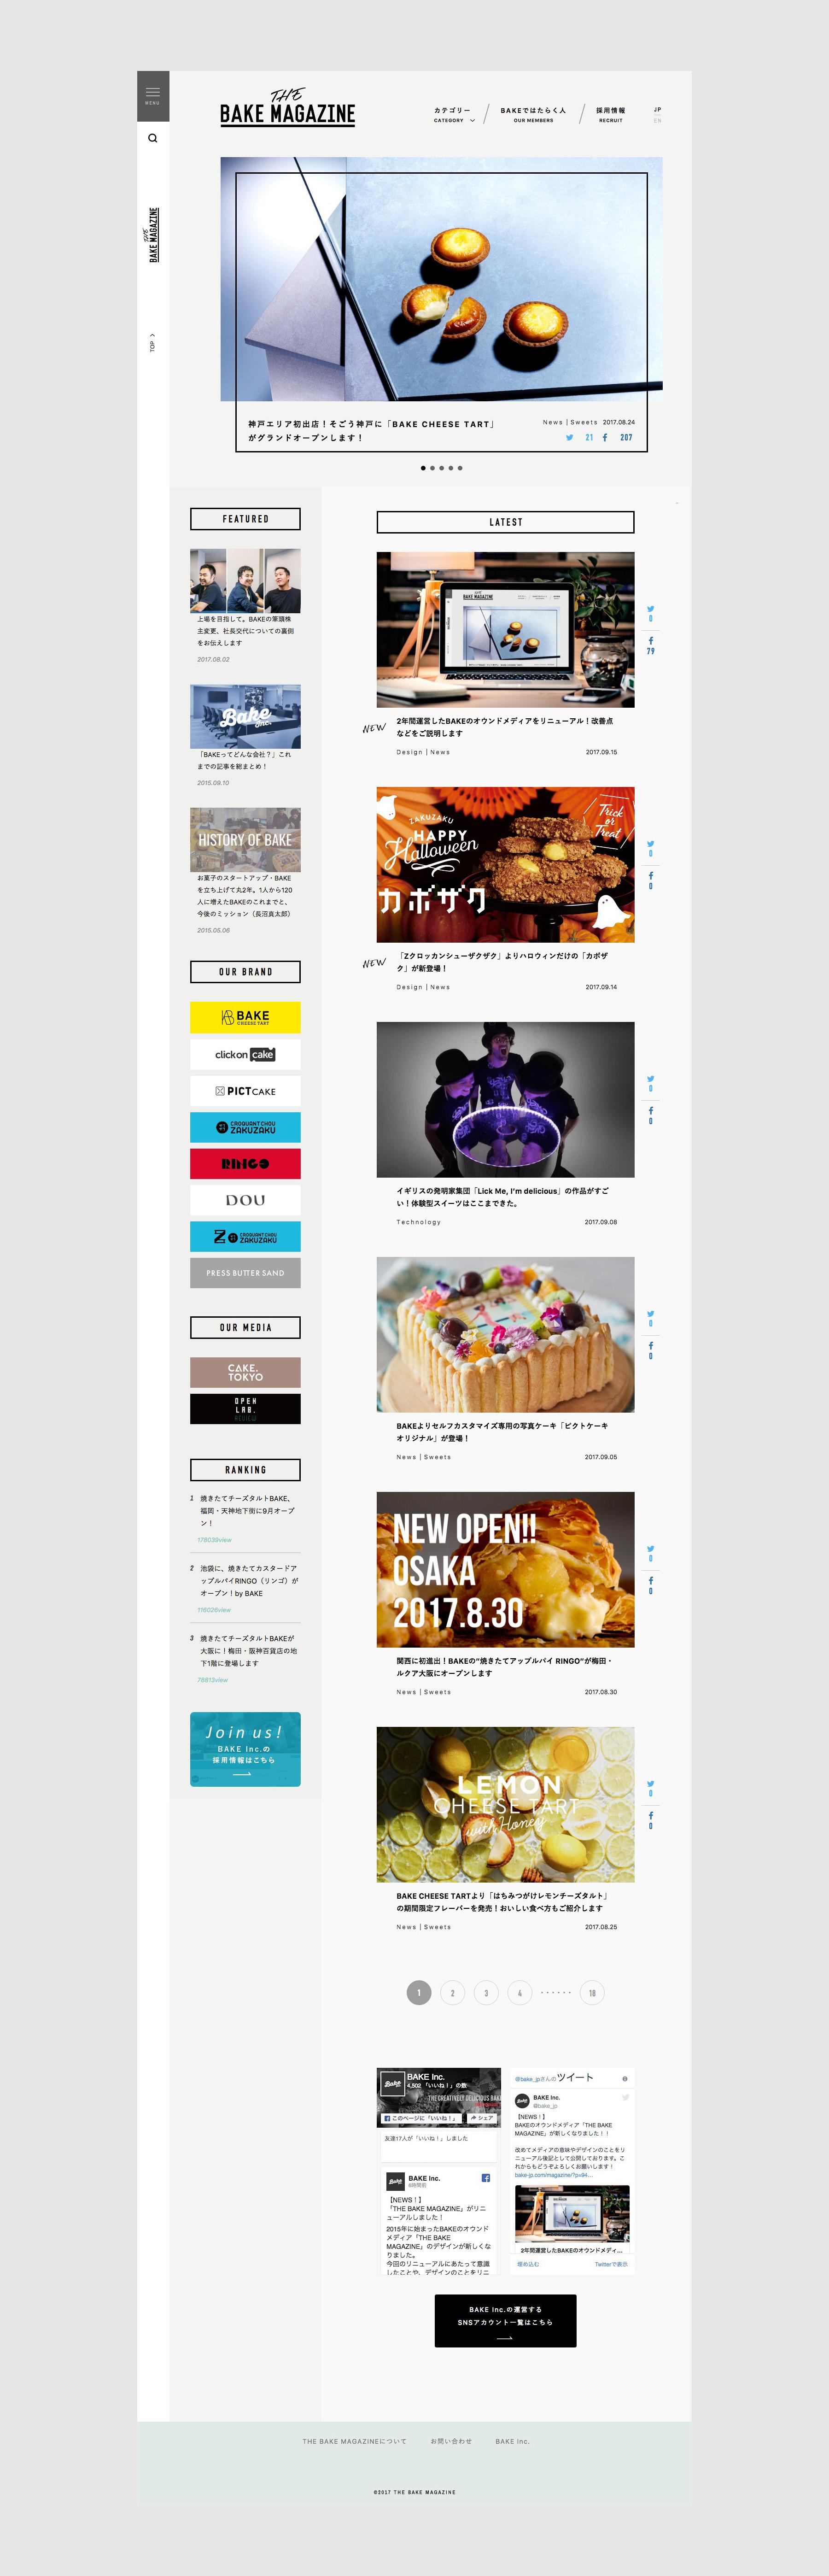 FireShot+Capture+032+-+THE+BAKE+MAGAZINE+I+-+http___bake-jp.com_magazine_2.jpg